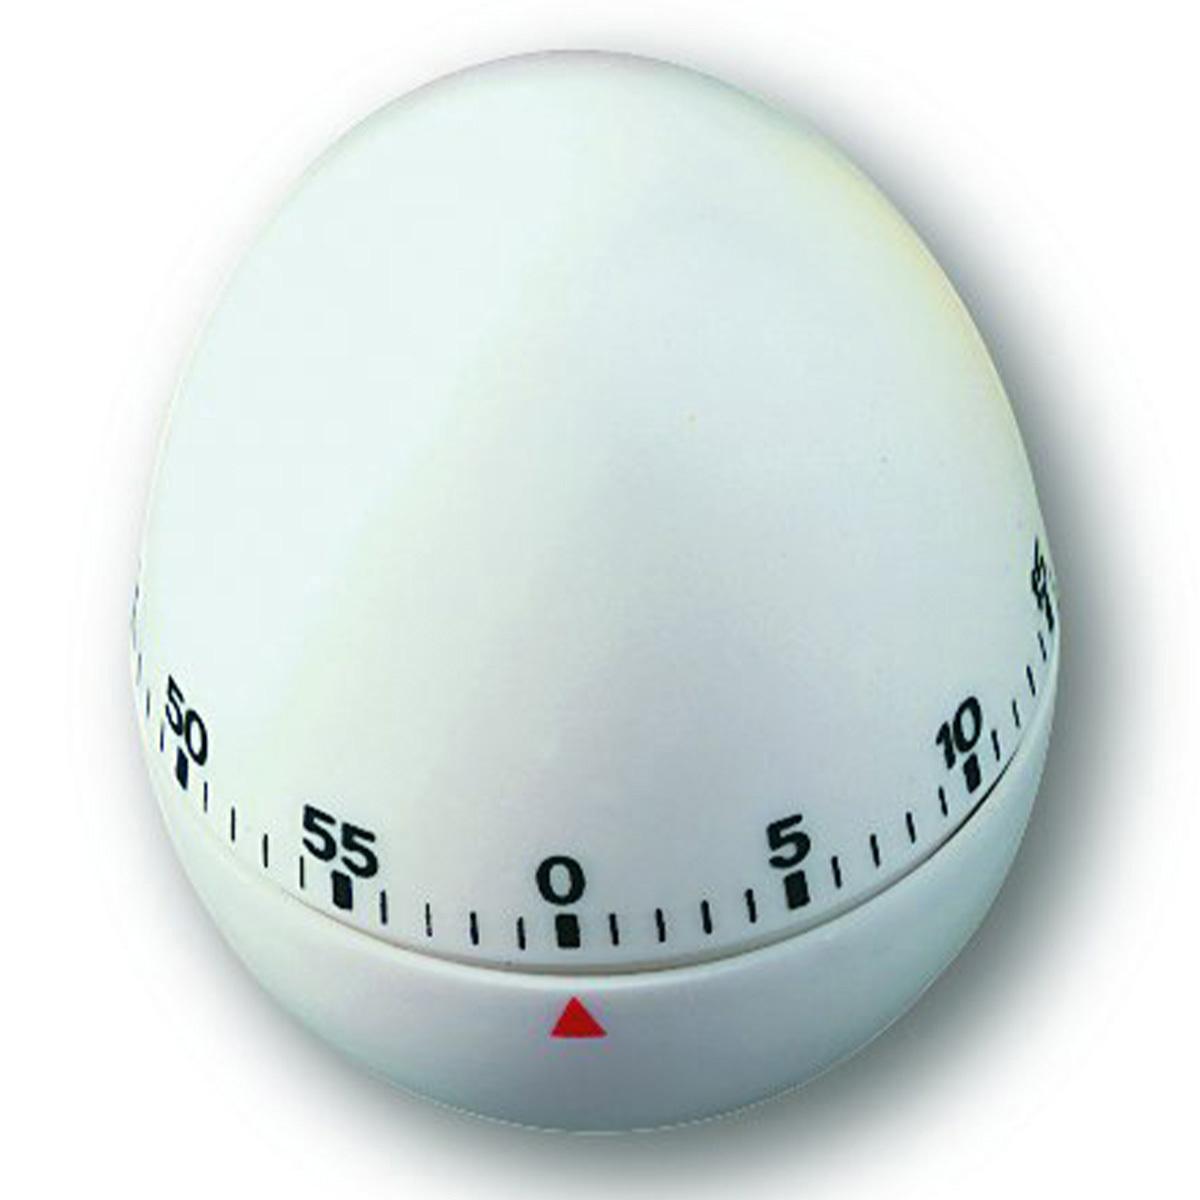 38-1002-analoger-küchen-timer-ei-ansicht-1200x1200px.jpg